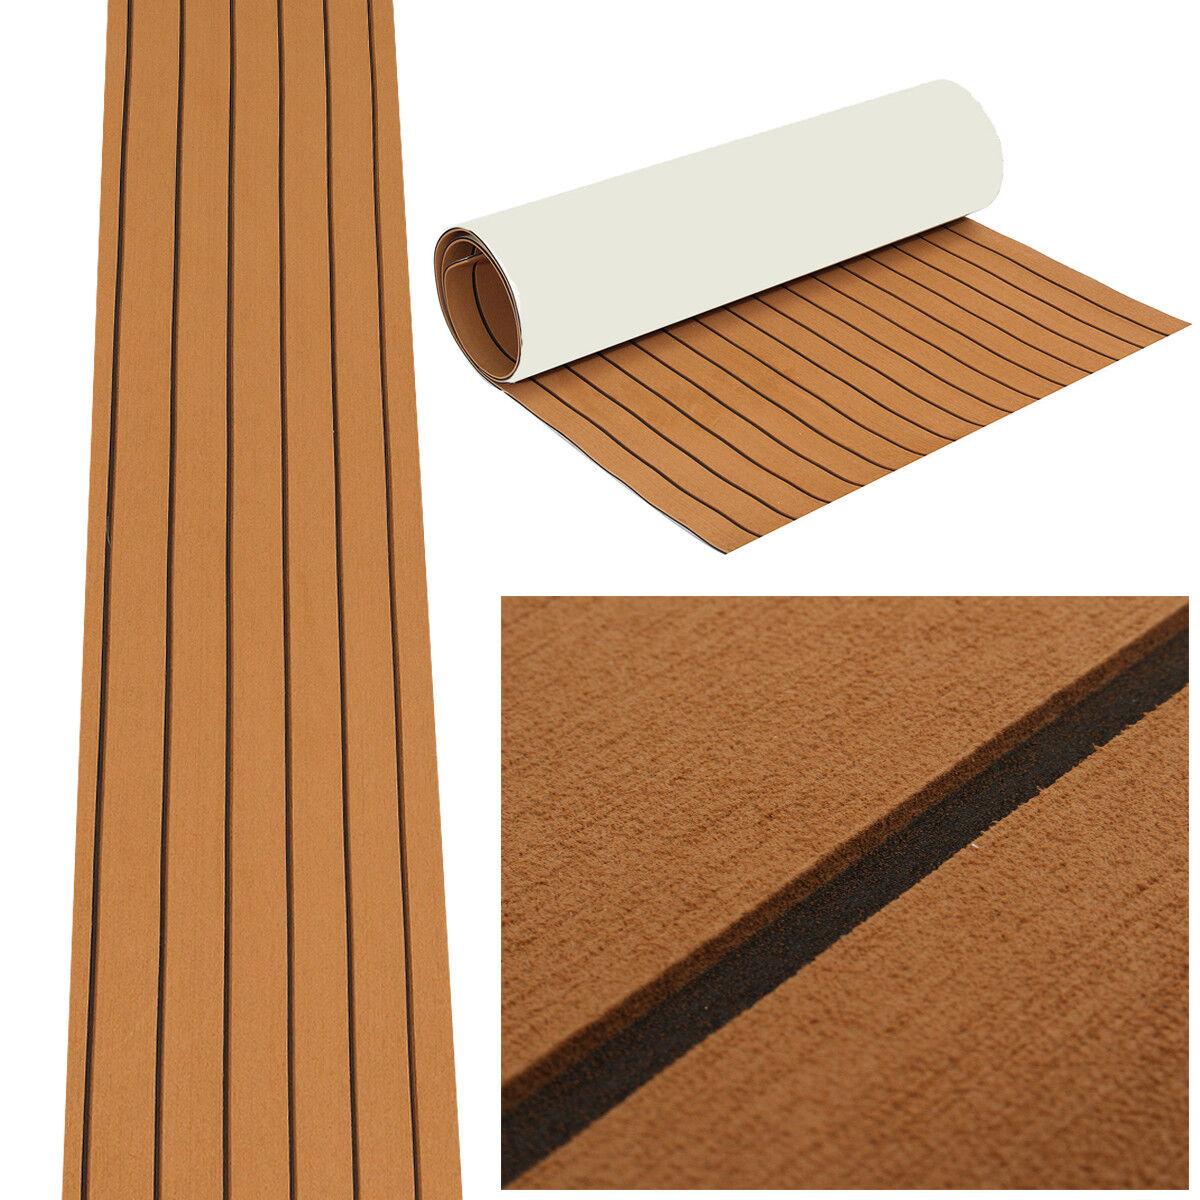 DE EVA Teak Bodenbelag 890x2300x6mm Fußboden Selbstklebend Platte für Yacht Stiefel